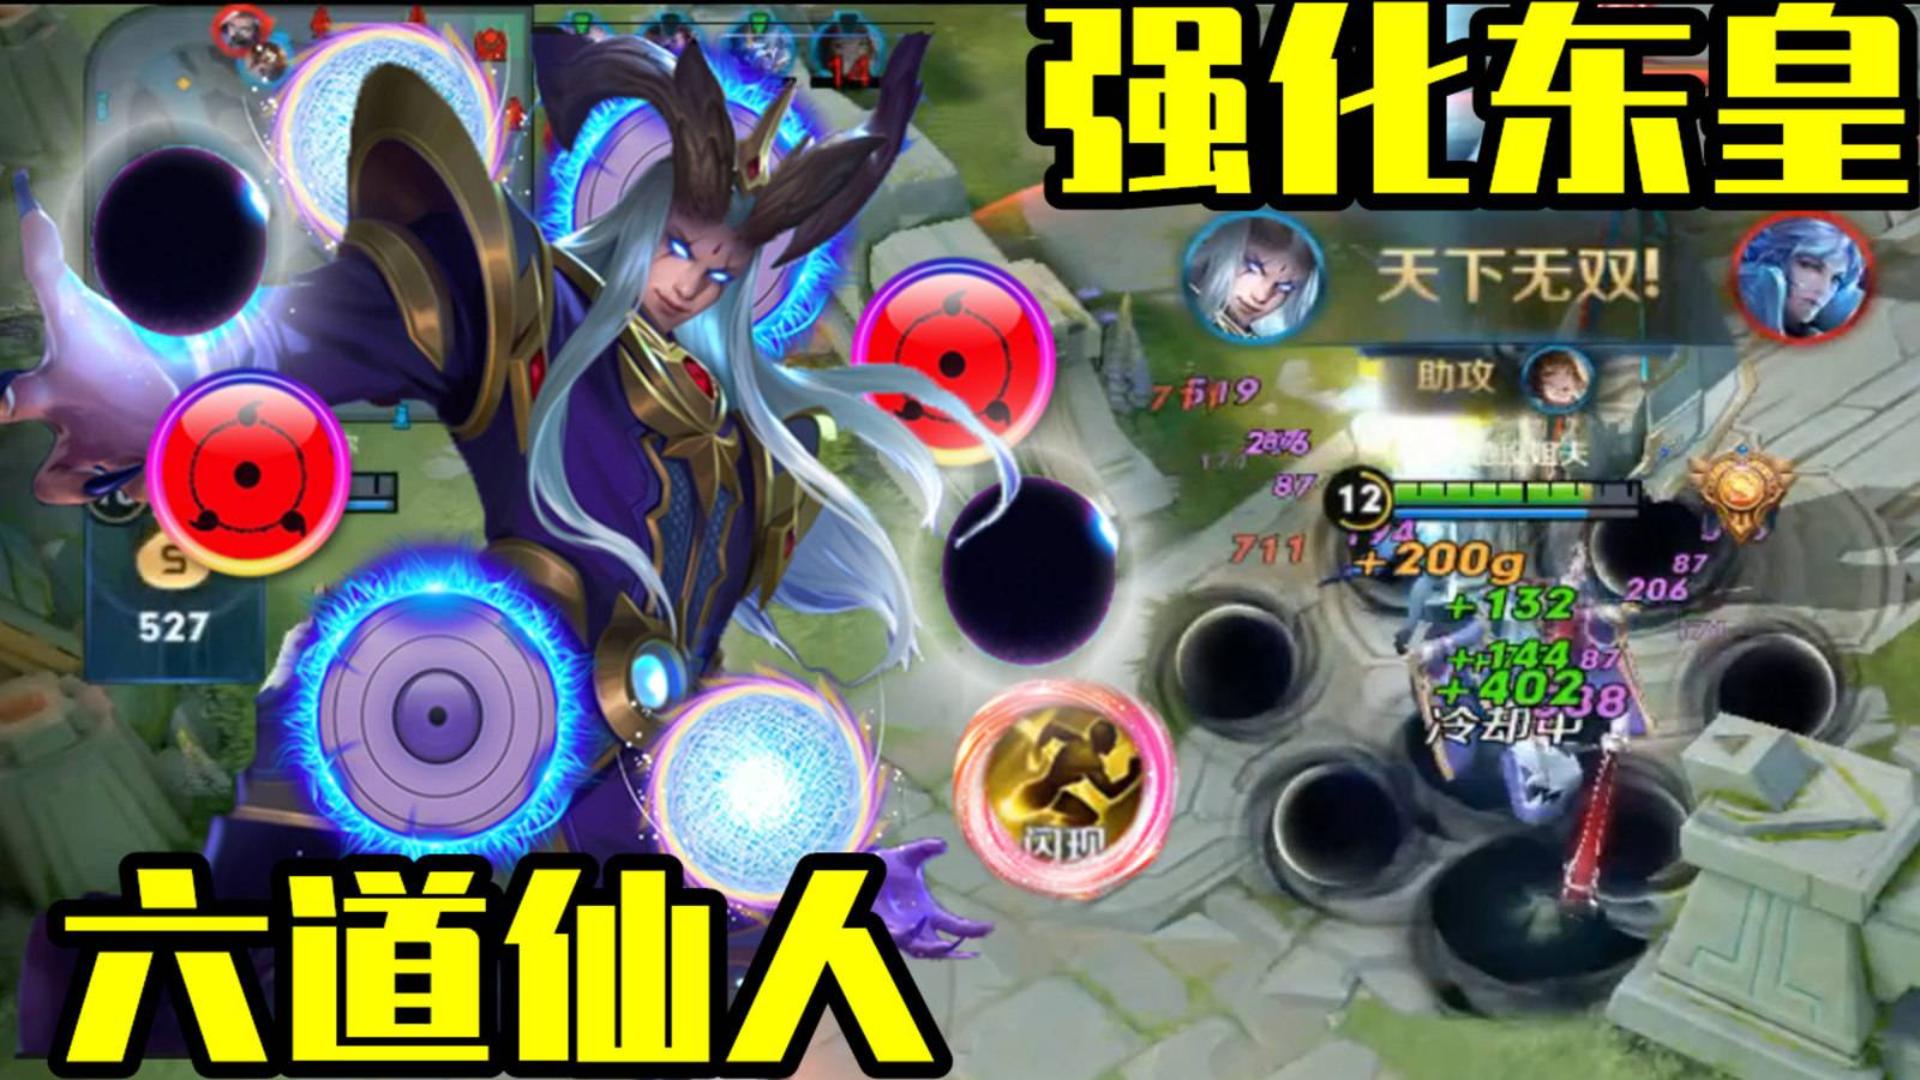 觉醒之战:强化版东皇化身六道仙人,六颗黑球神挡杀神